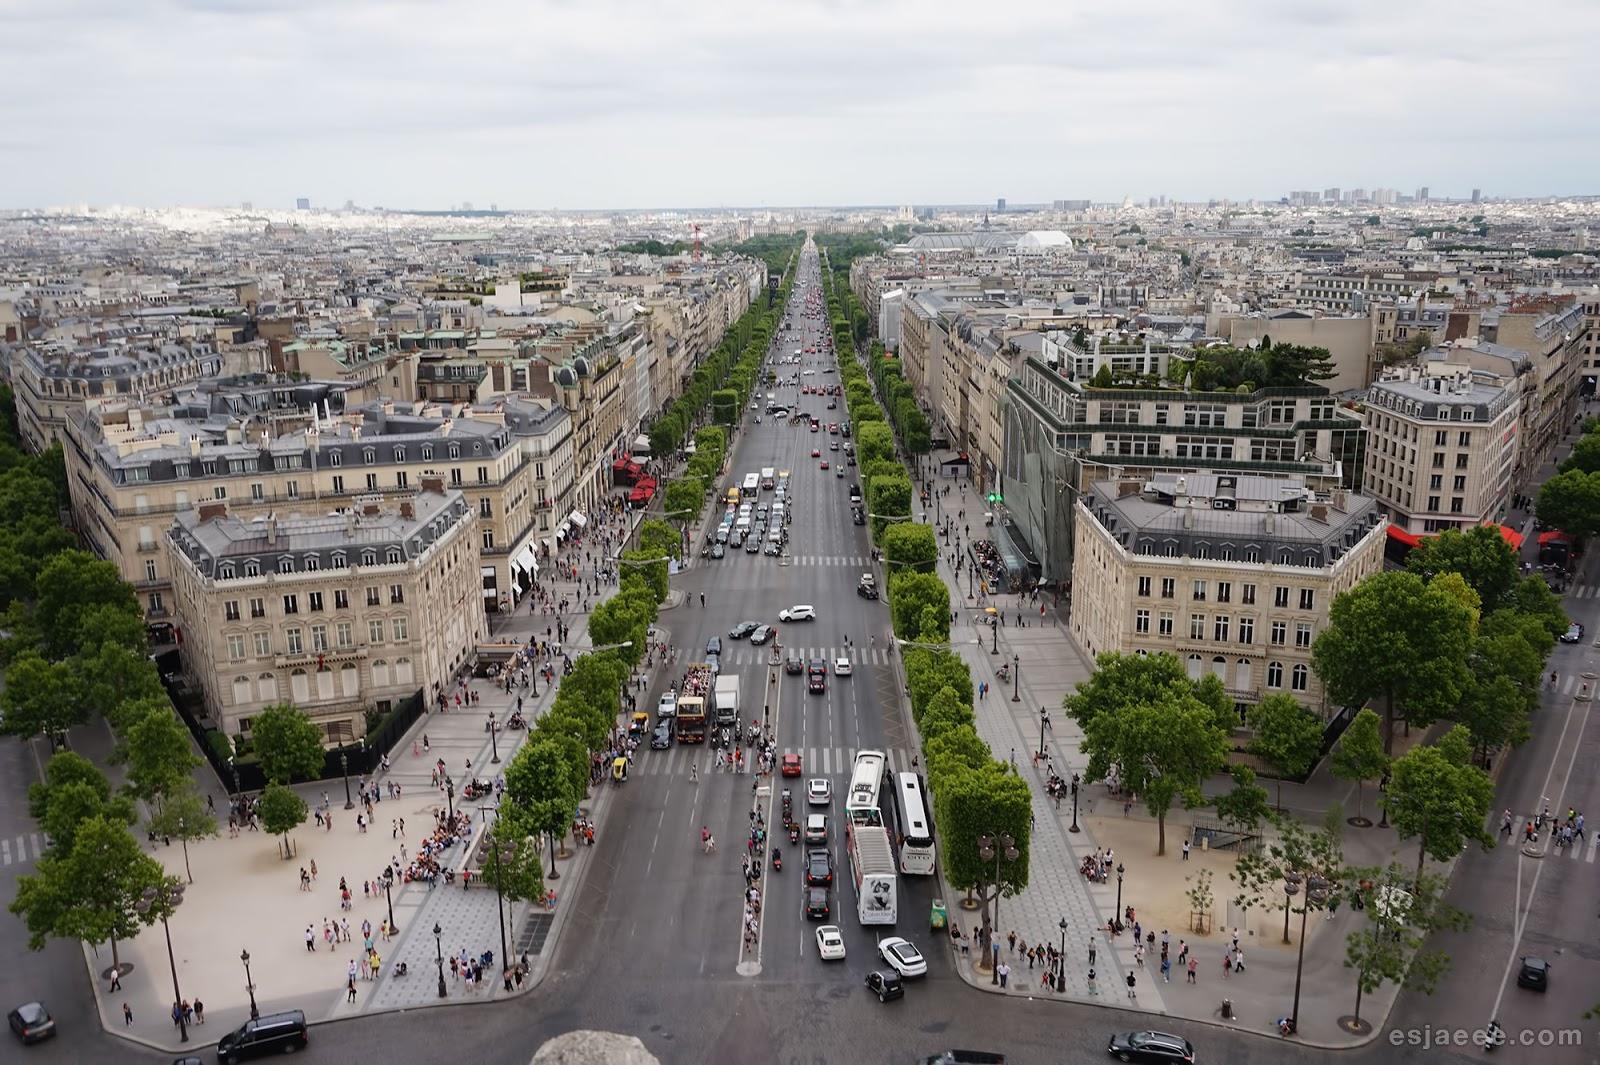 View of Champs Élysées from Arc de Triomphe